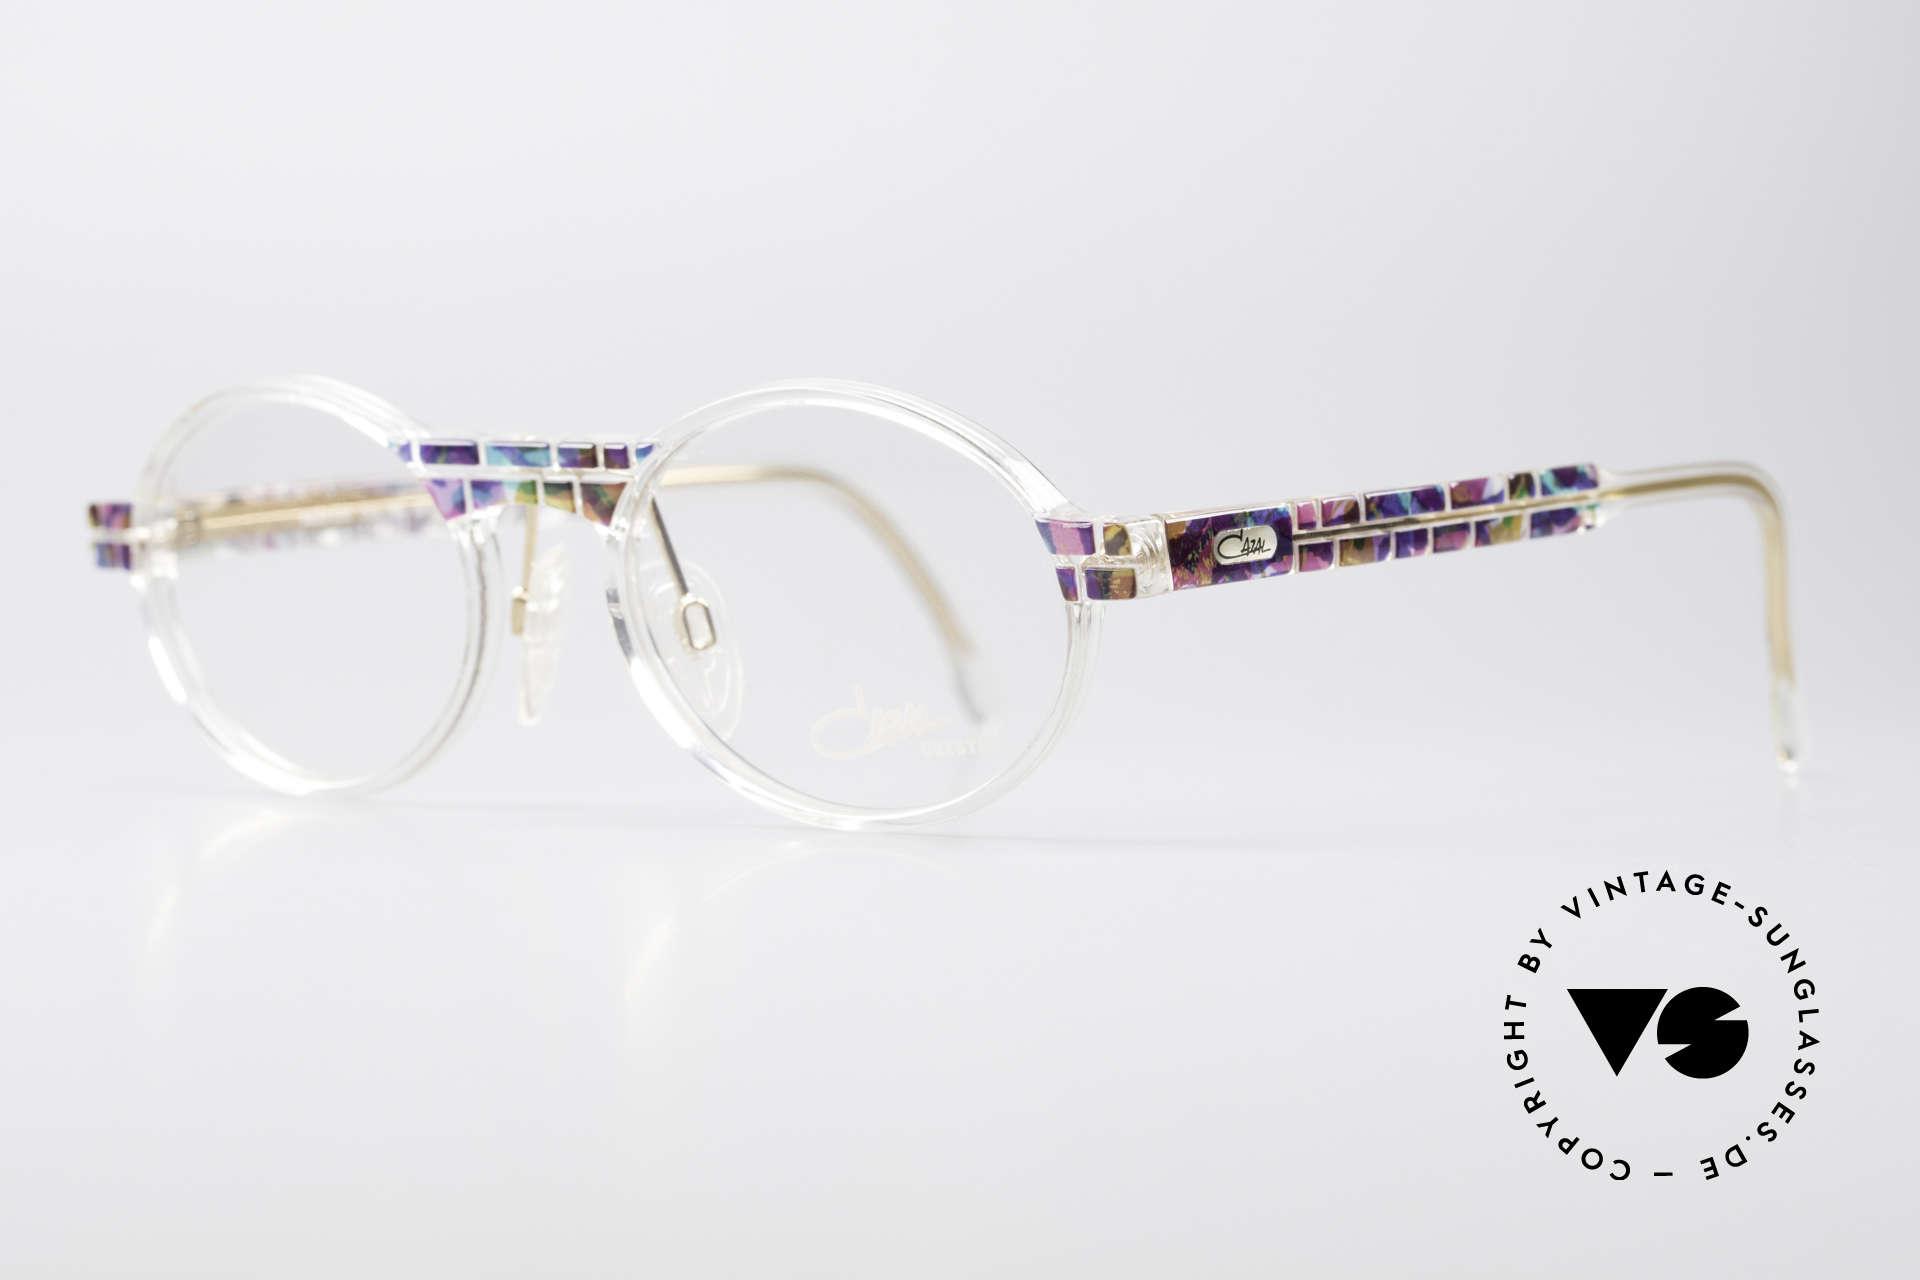 Cazal 510 Crystal Limited Ovale Brille, limitierte Sonder-Edition mit kristallklarem Rahmen, Passend für Herren und Damen